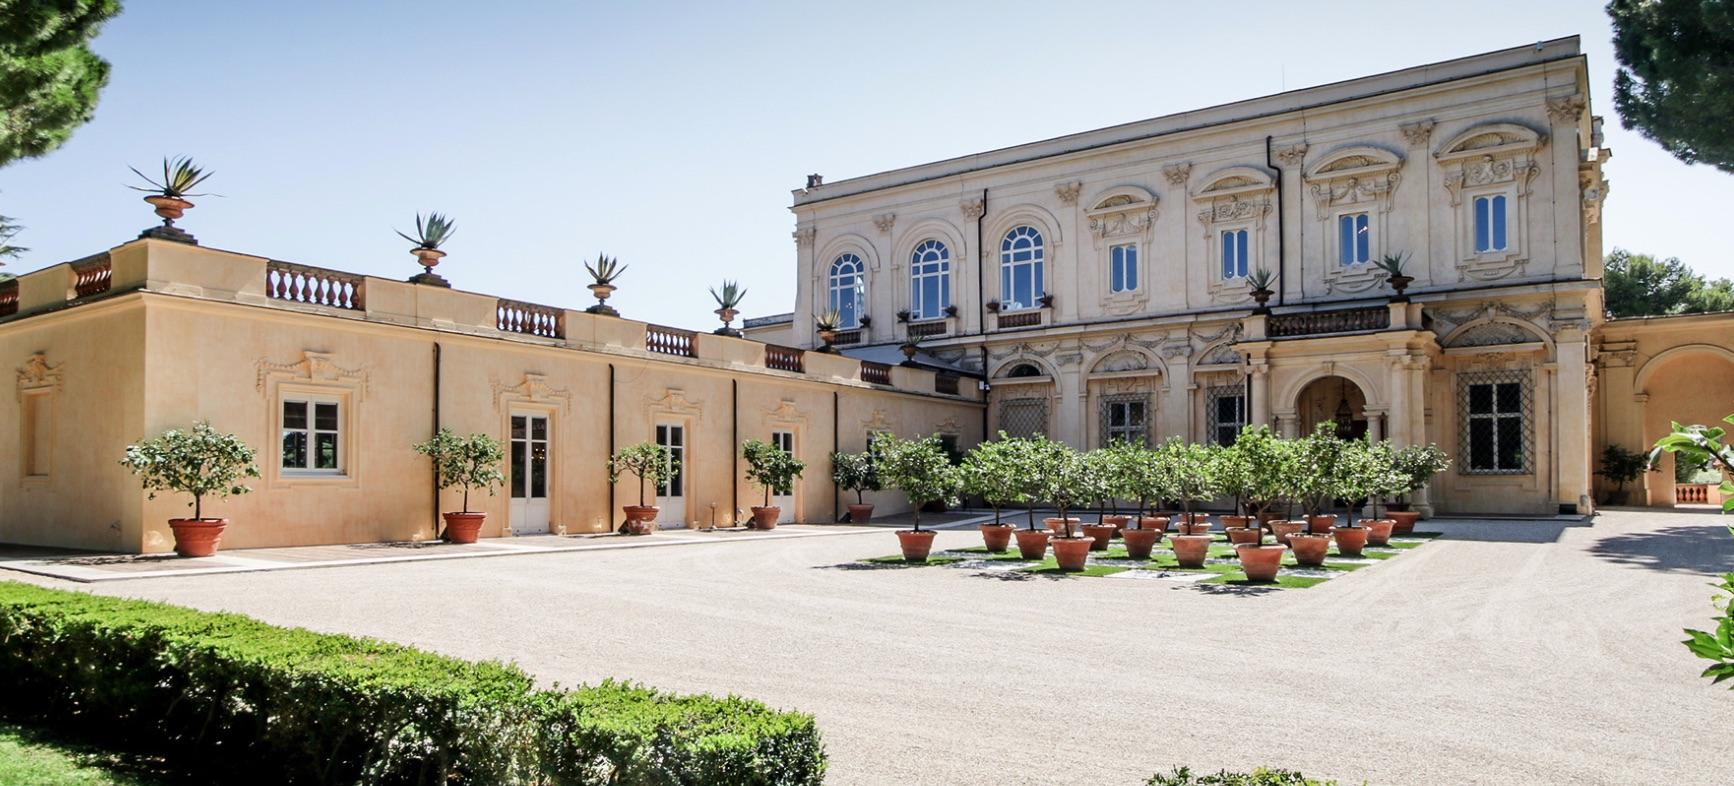 Un'occasione unica per scoprire le cantine del territorio Lugana, degustando vini di alta qualità in una Villa storica nel cuore di Roma - Villa Aurelia, Roma